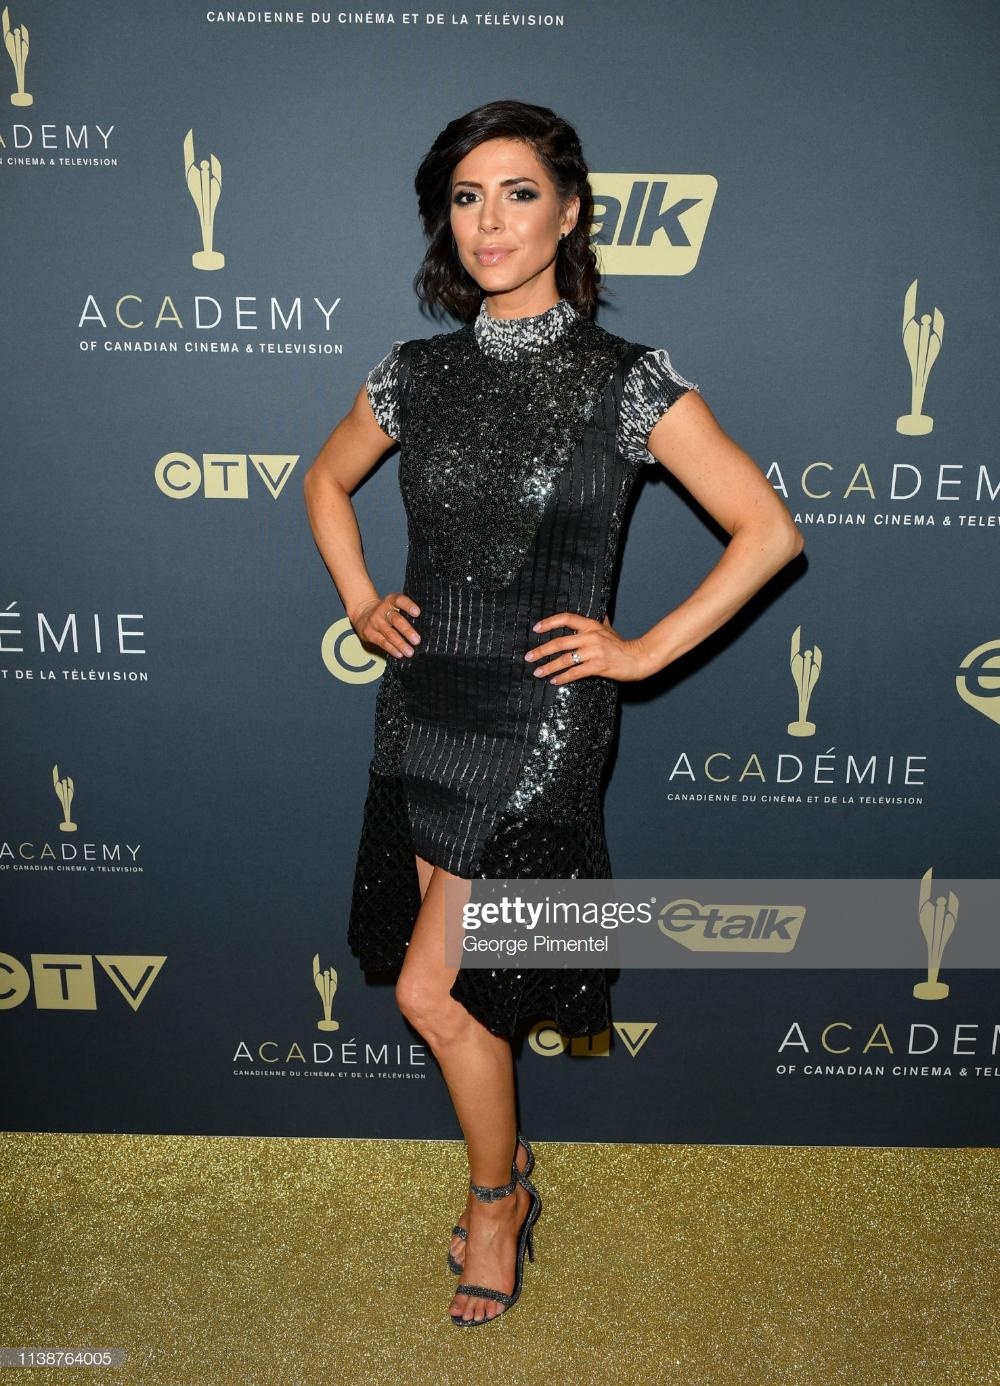 Cindy Sampson Actresses, Gala, Awards